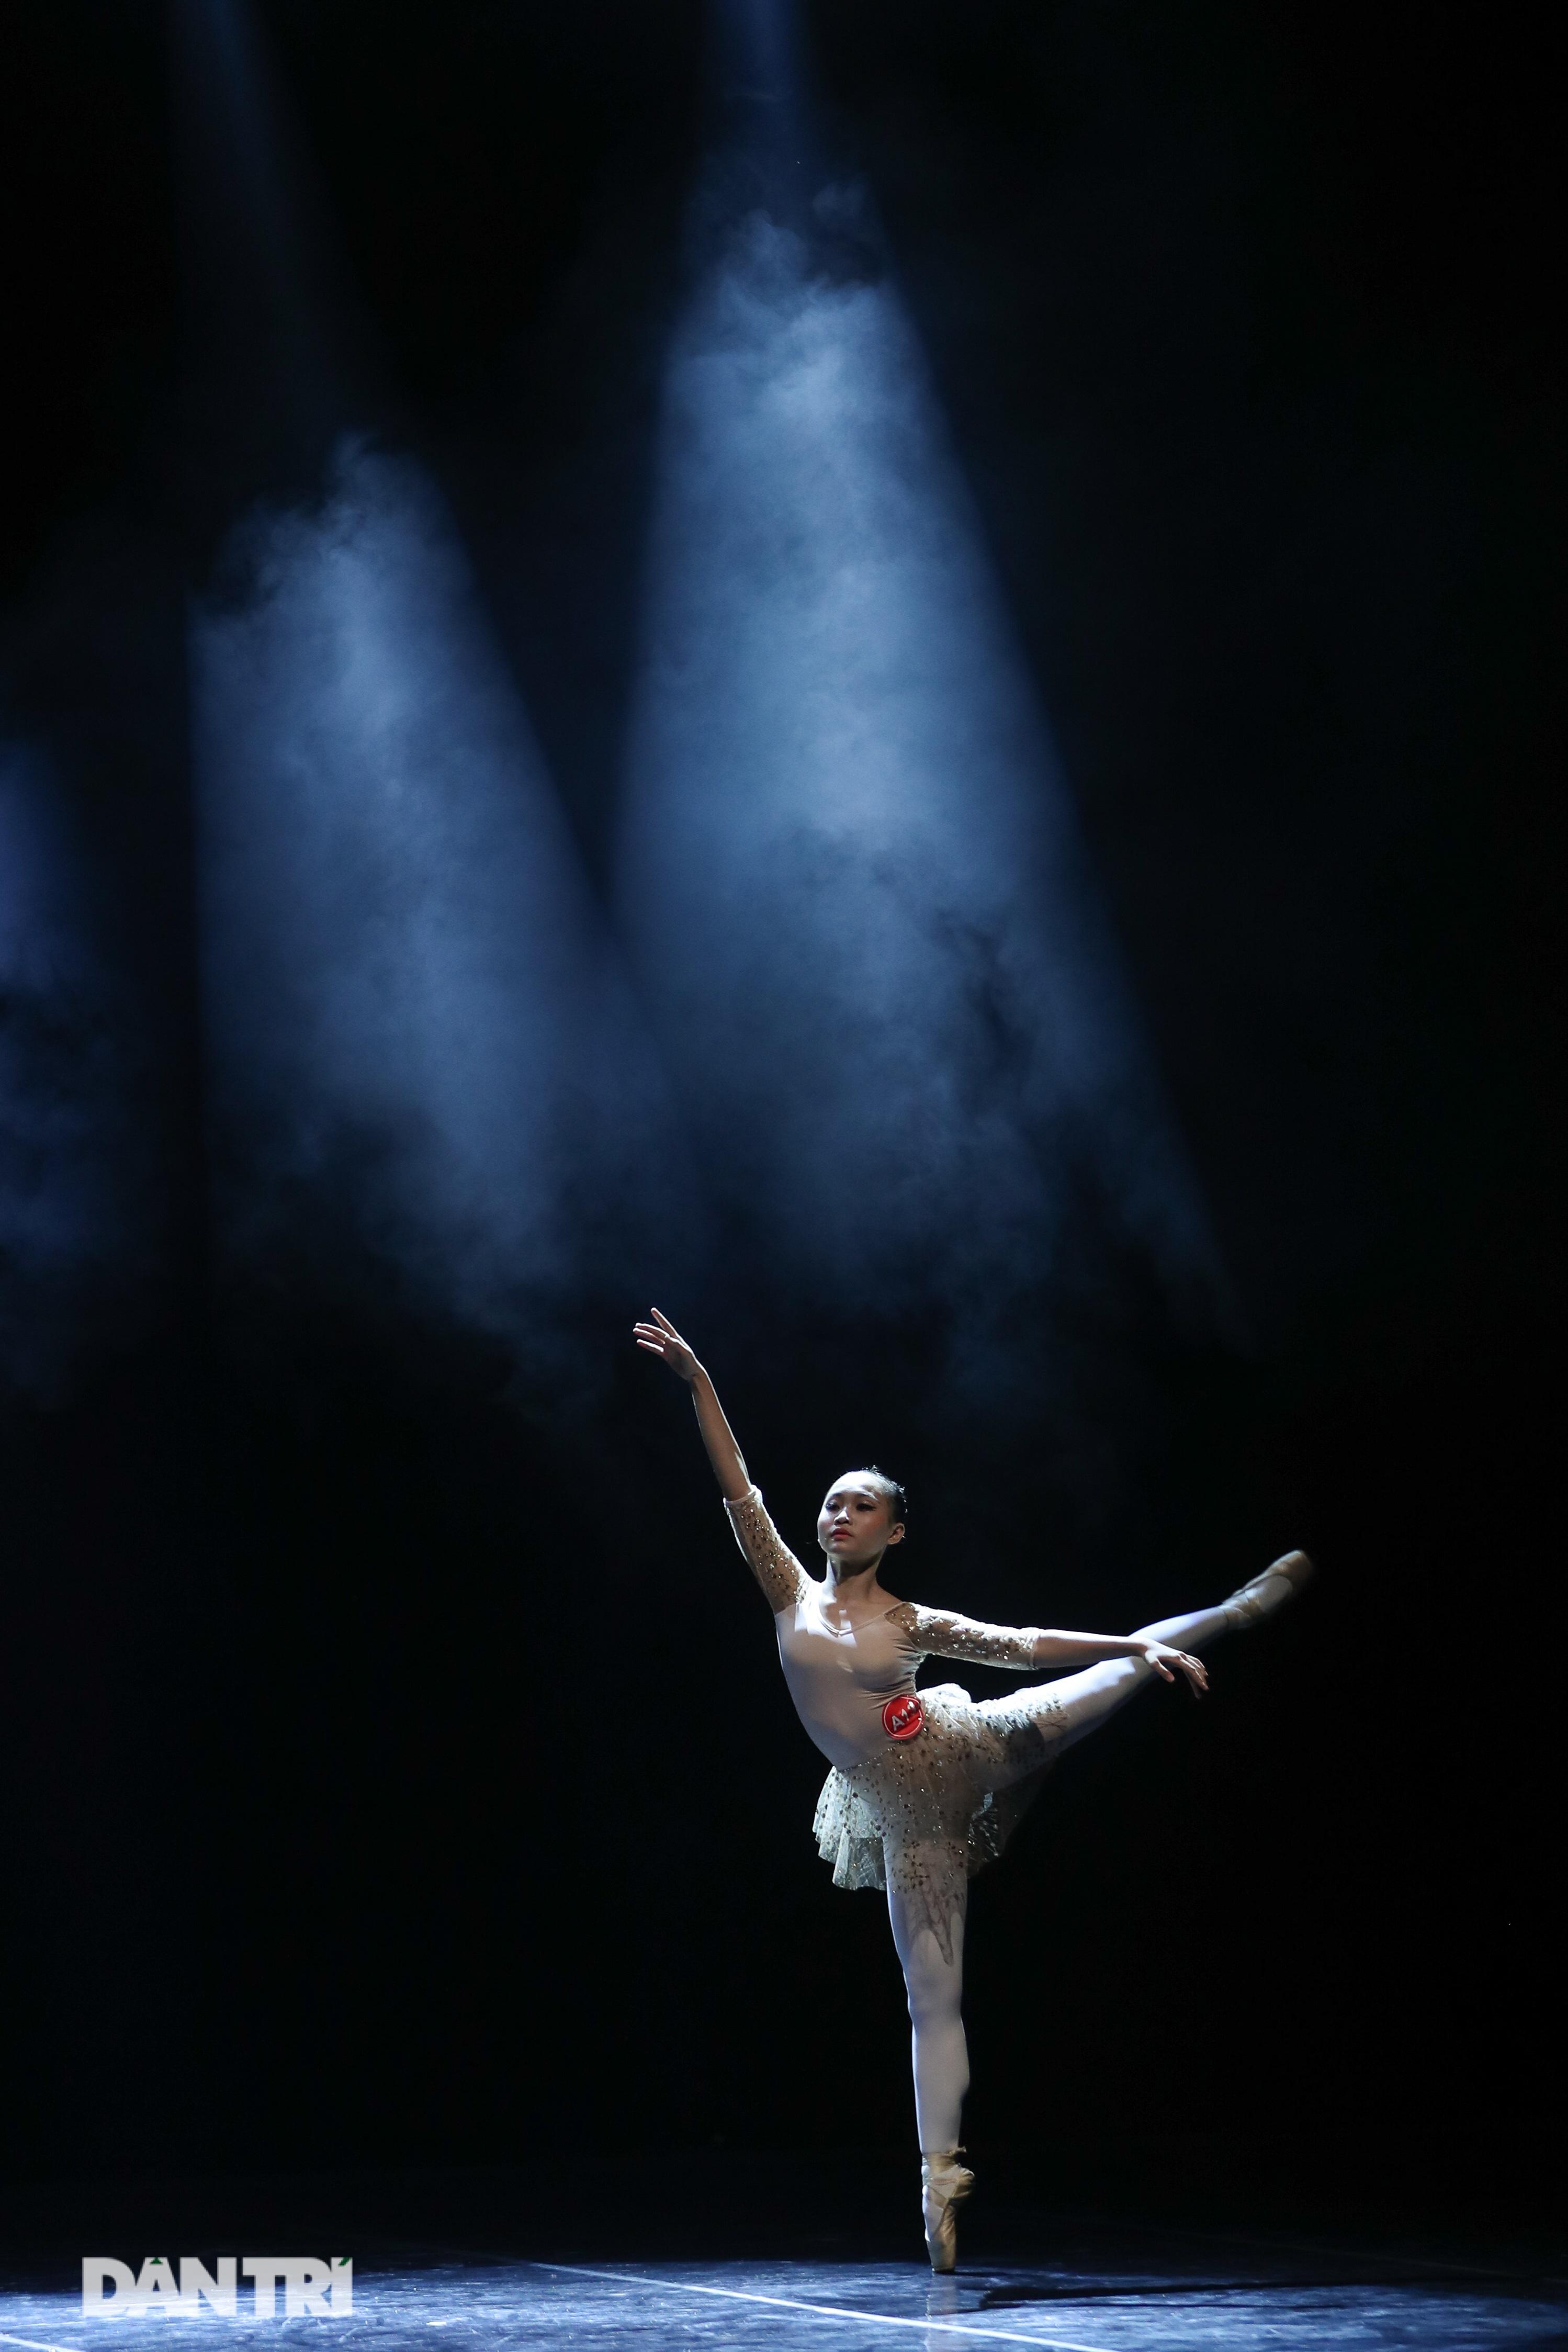 Khoảnh khắc mê hồn tại cuộc thi Tài năng biểu diễn múa - 12